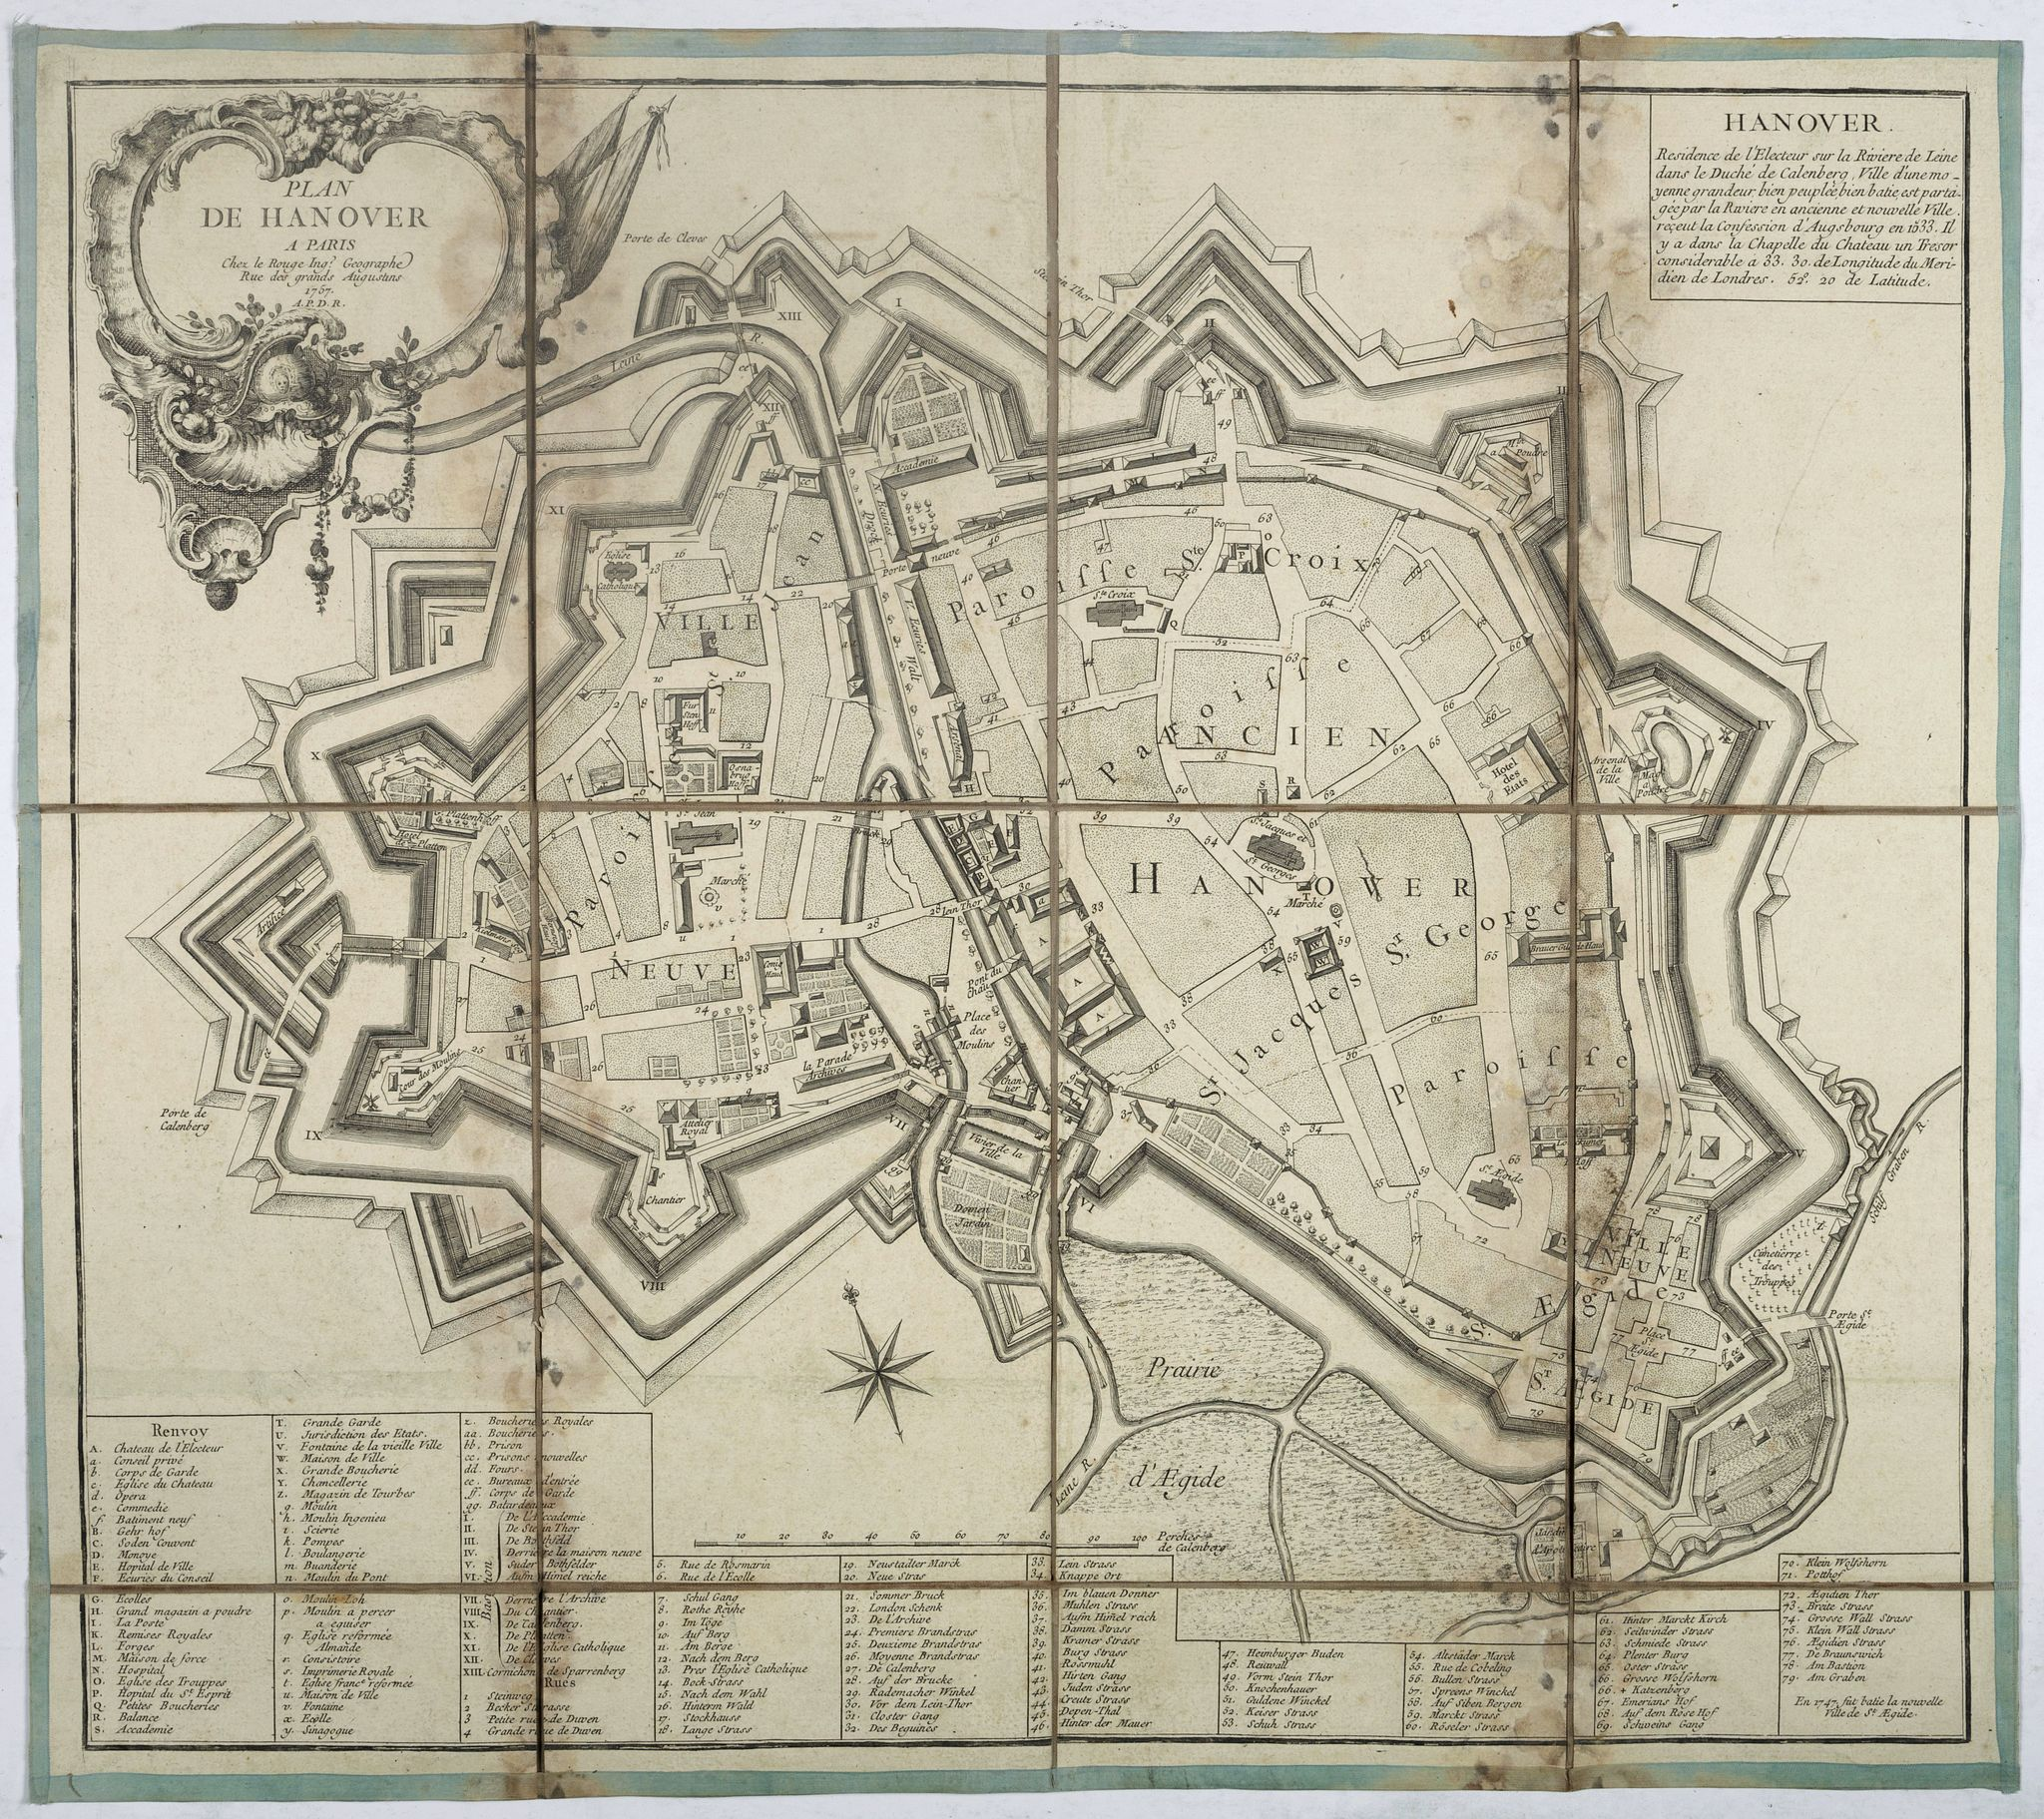 LE ROUGE, G-L -  Plan de Hanover.